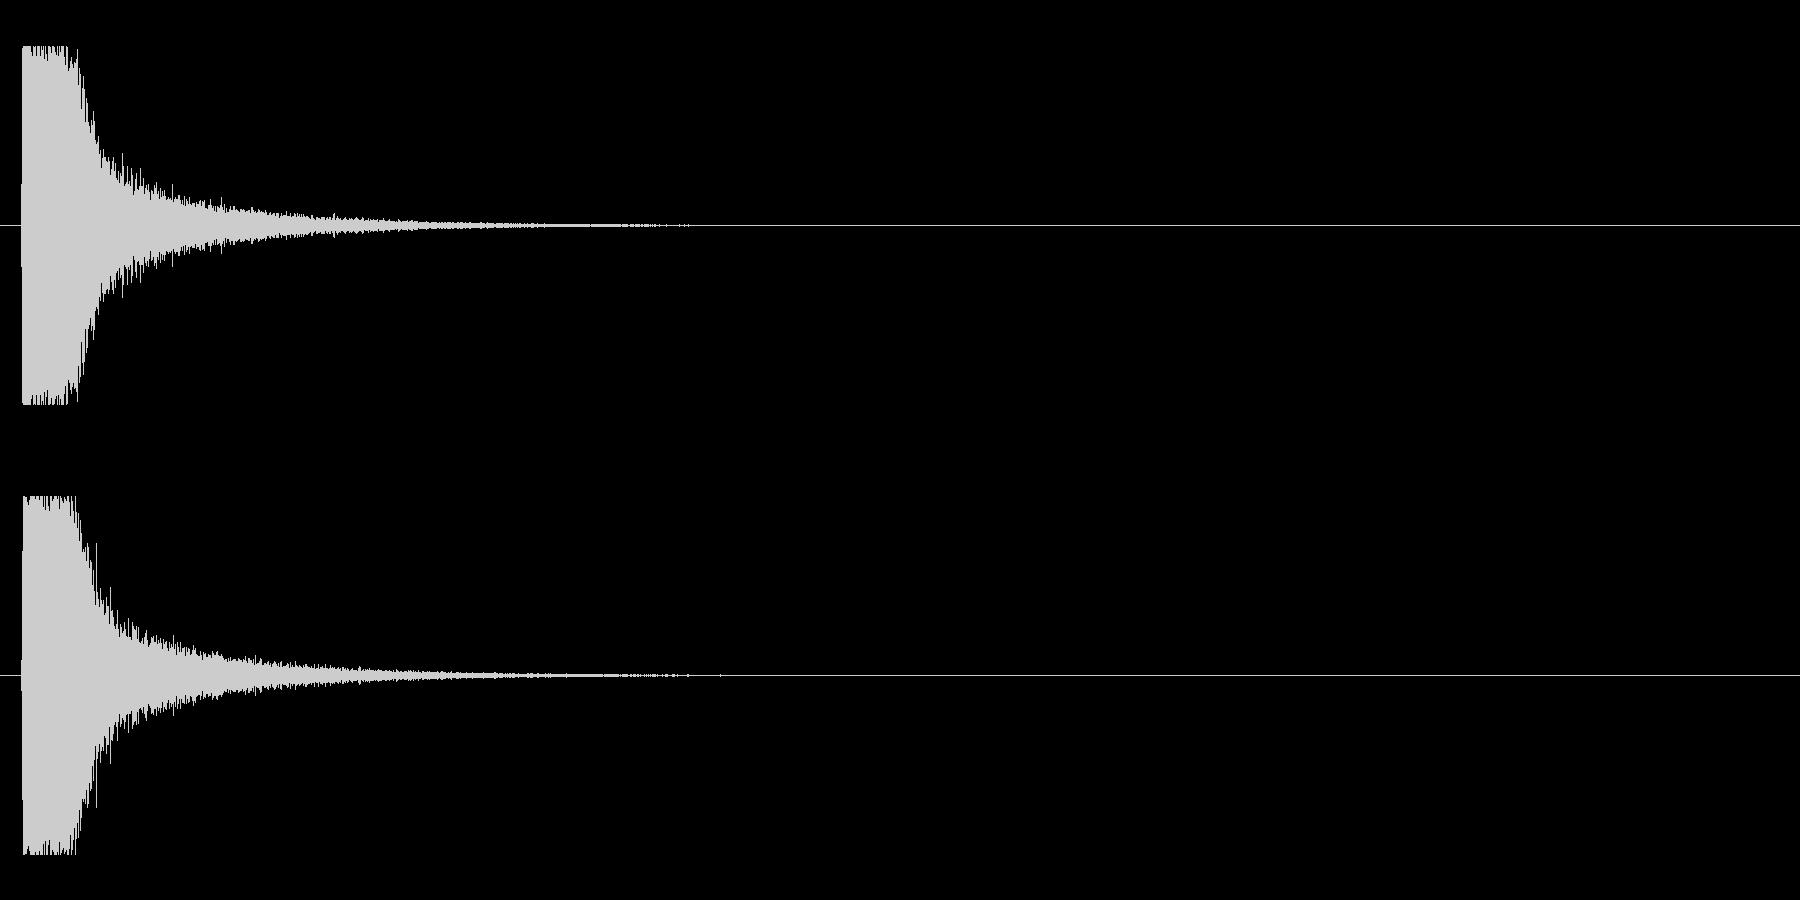 レーザー音-120-1の未再生の波形